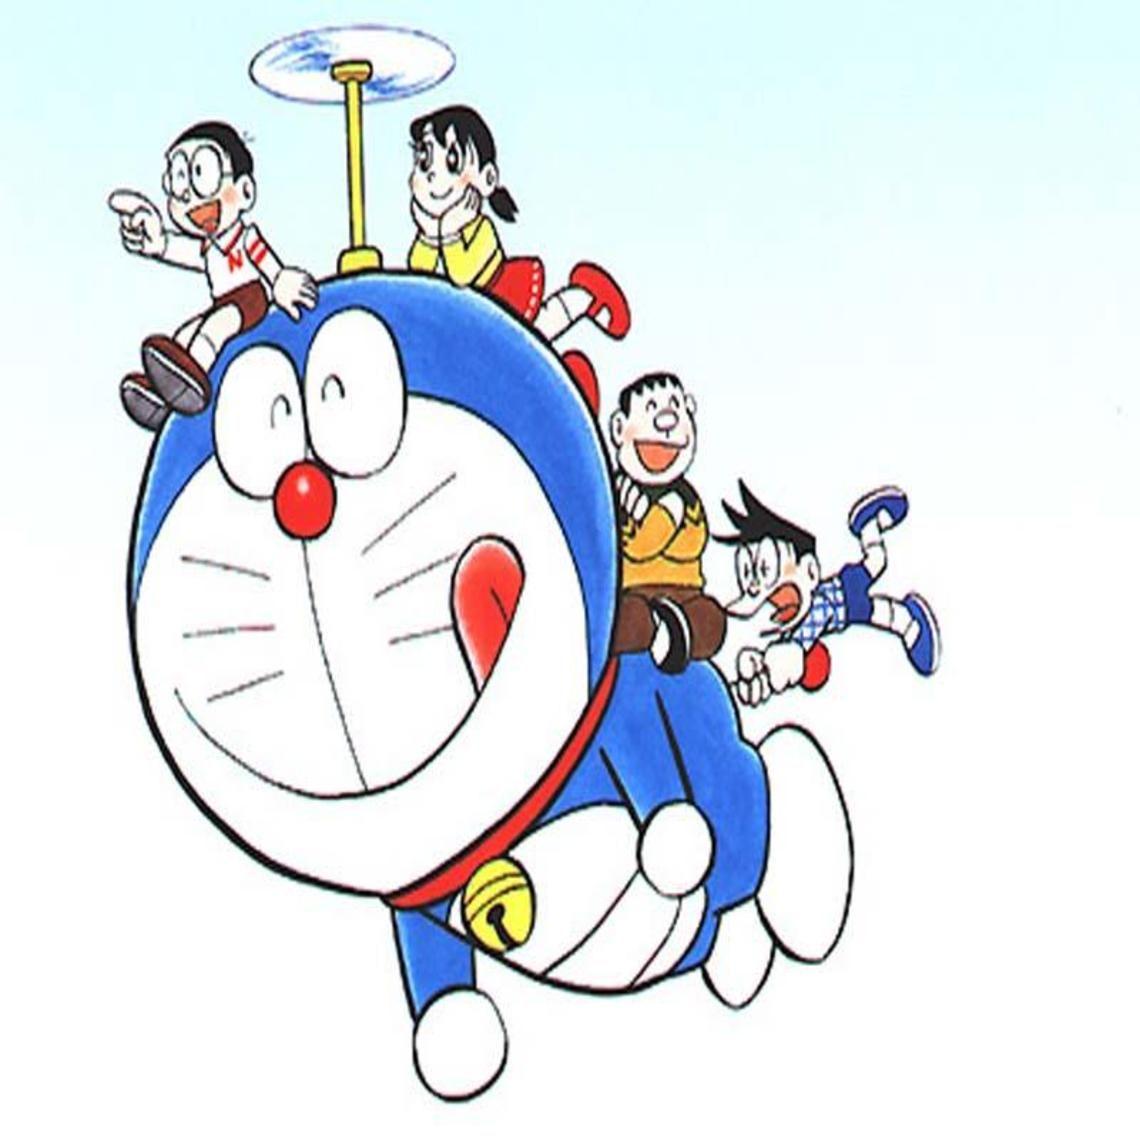 flying doraemon   Doraemon wallpapers, Doraemon, Doraemon ...